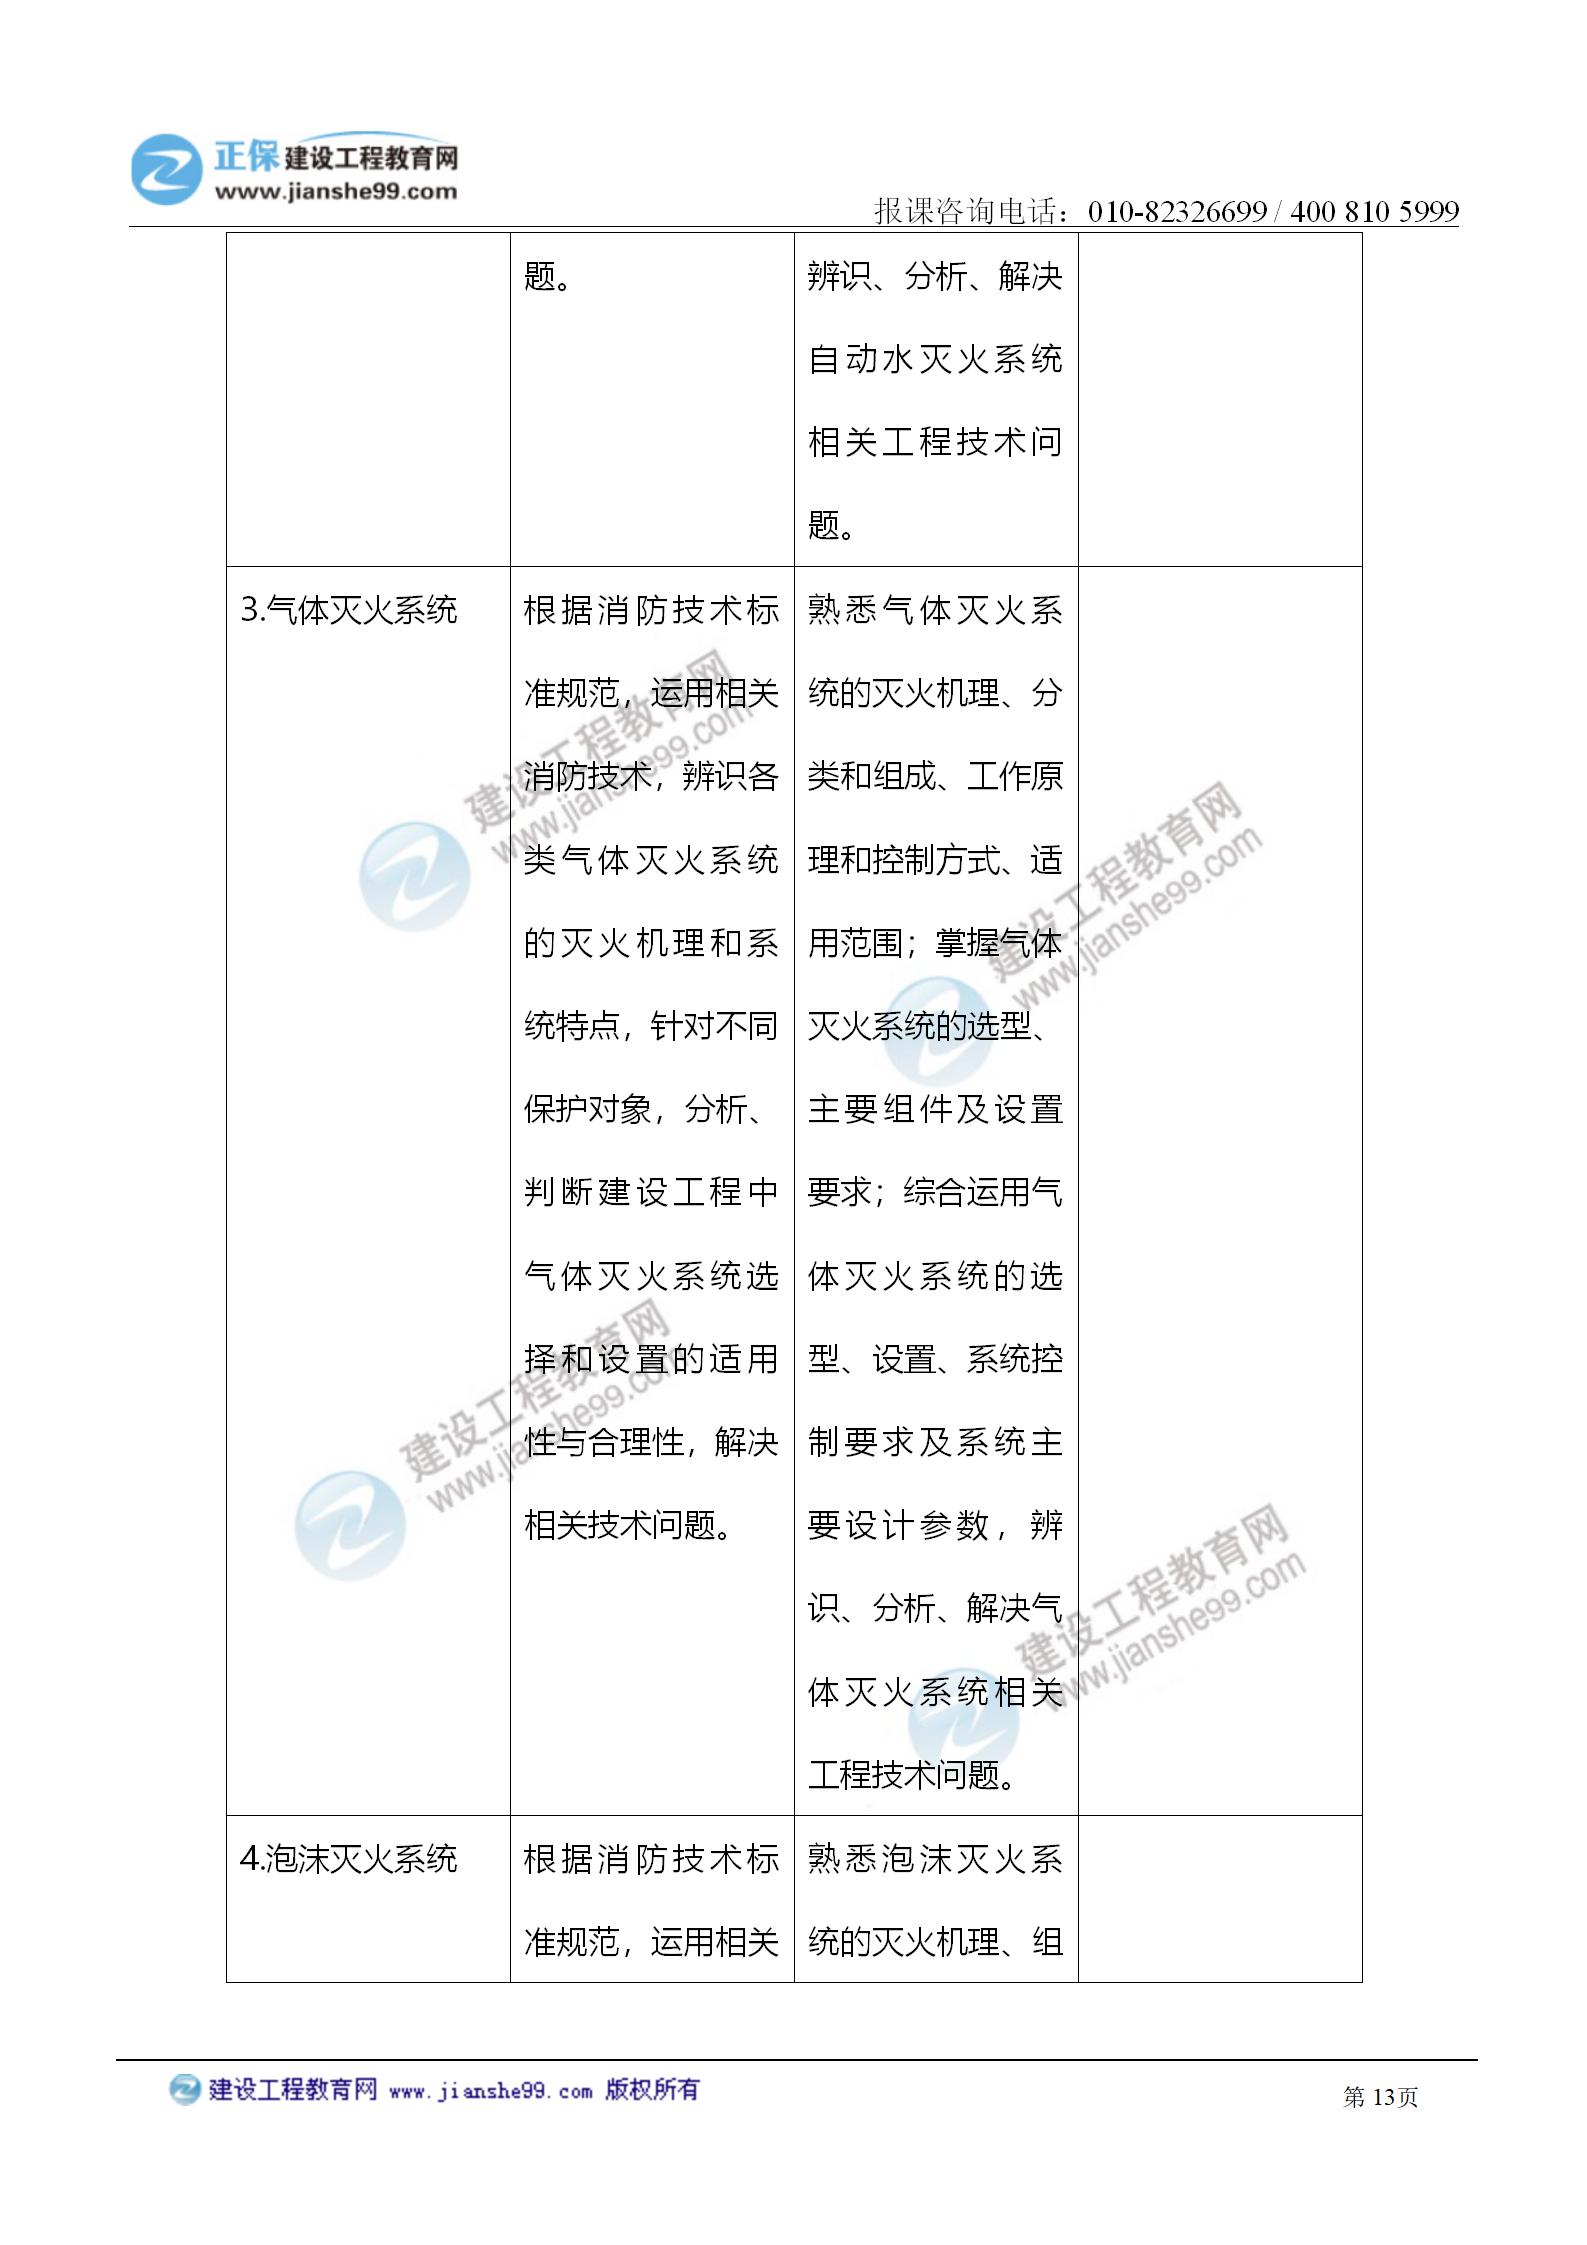 2021注册消防工程师《技术实务》考试大纲变化情况_13